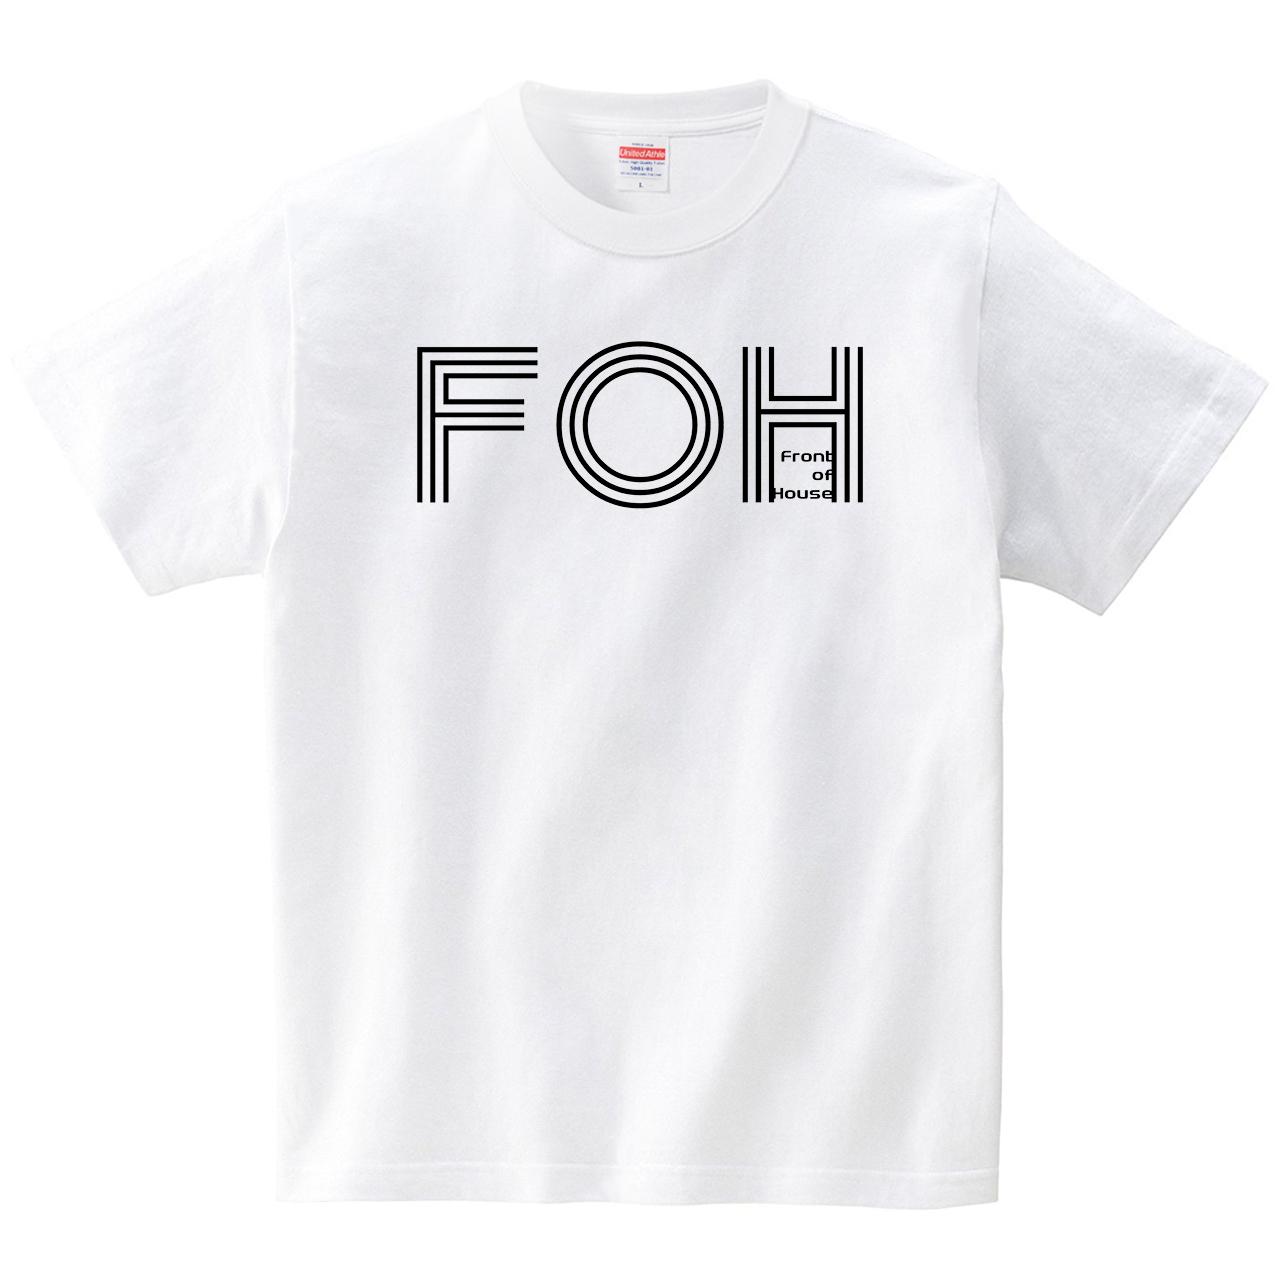 フロント・オブ・ハウス(Tシャツ・ホワイト)(オワリ)